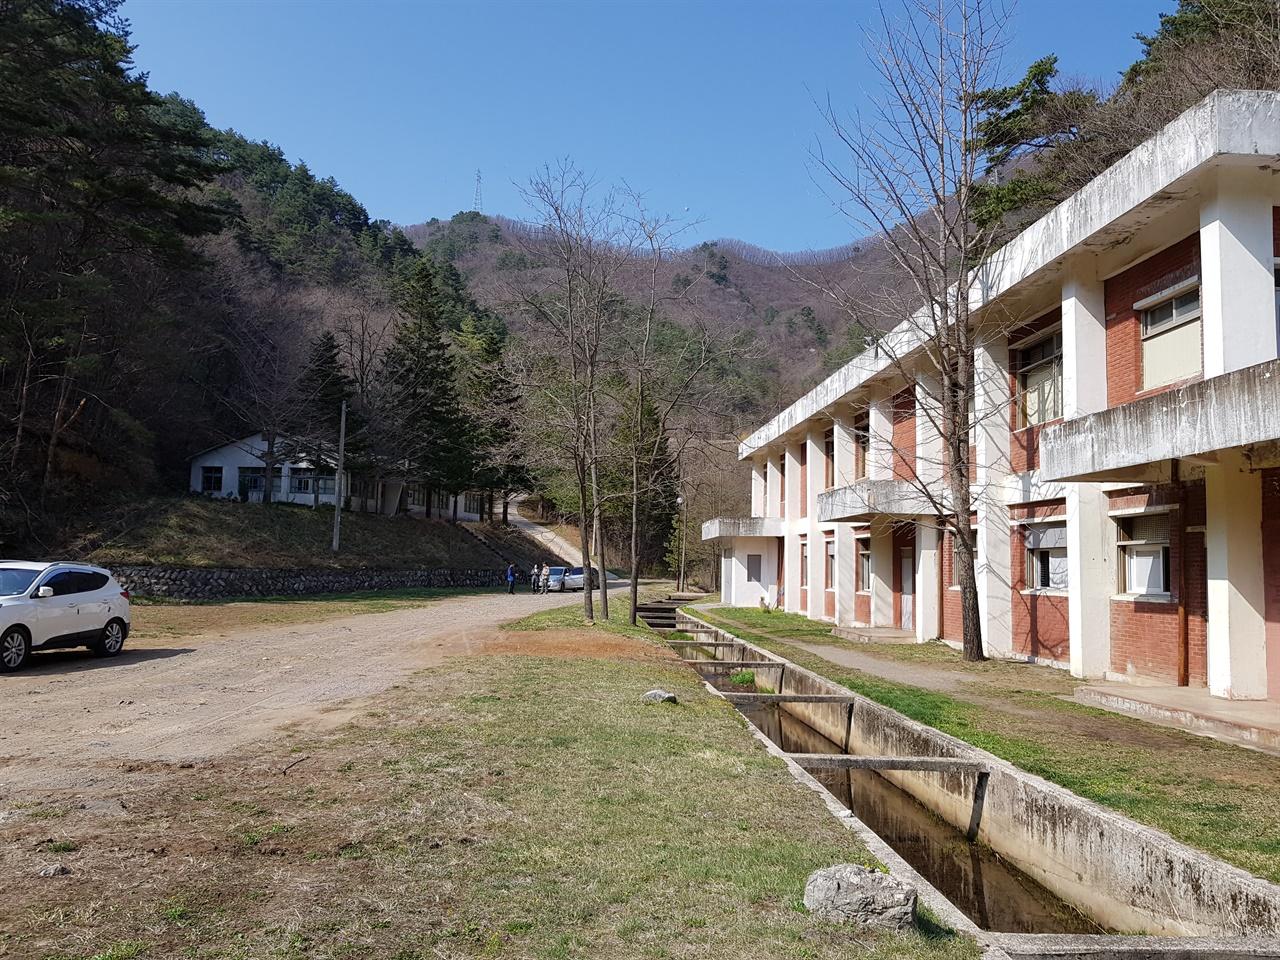 연화광산 대현리 광미적치장. 오른쪽에 우수배제시설과 압기실(공기를 압축해서 갱내로 보내는 시설)로 사용되던 건물이 보인다.